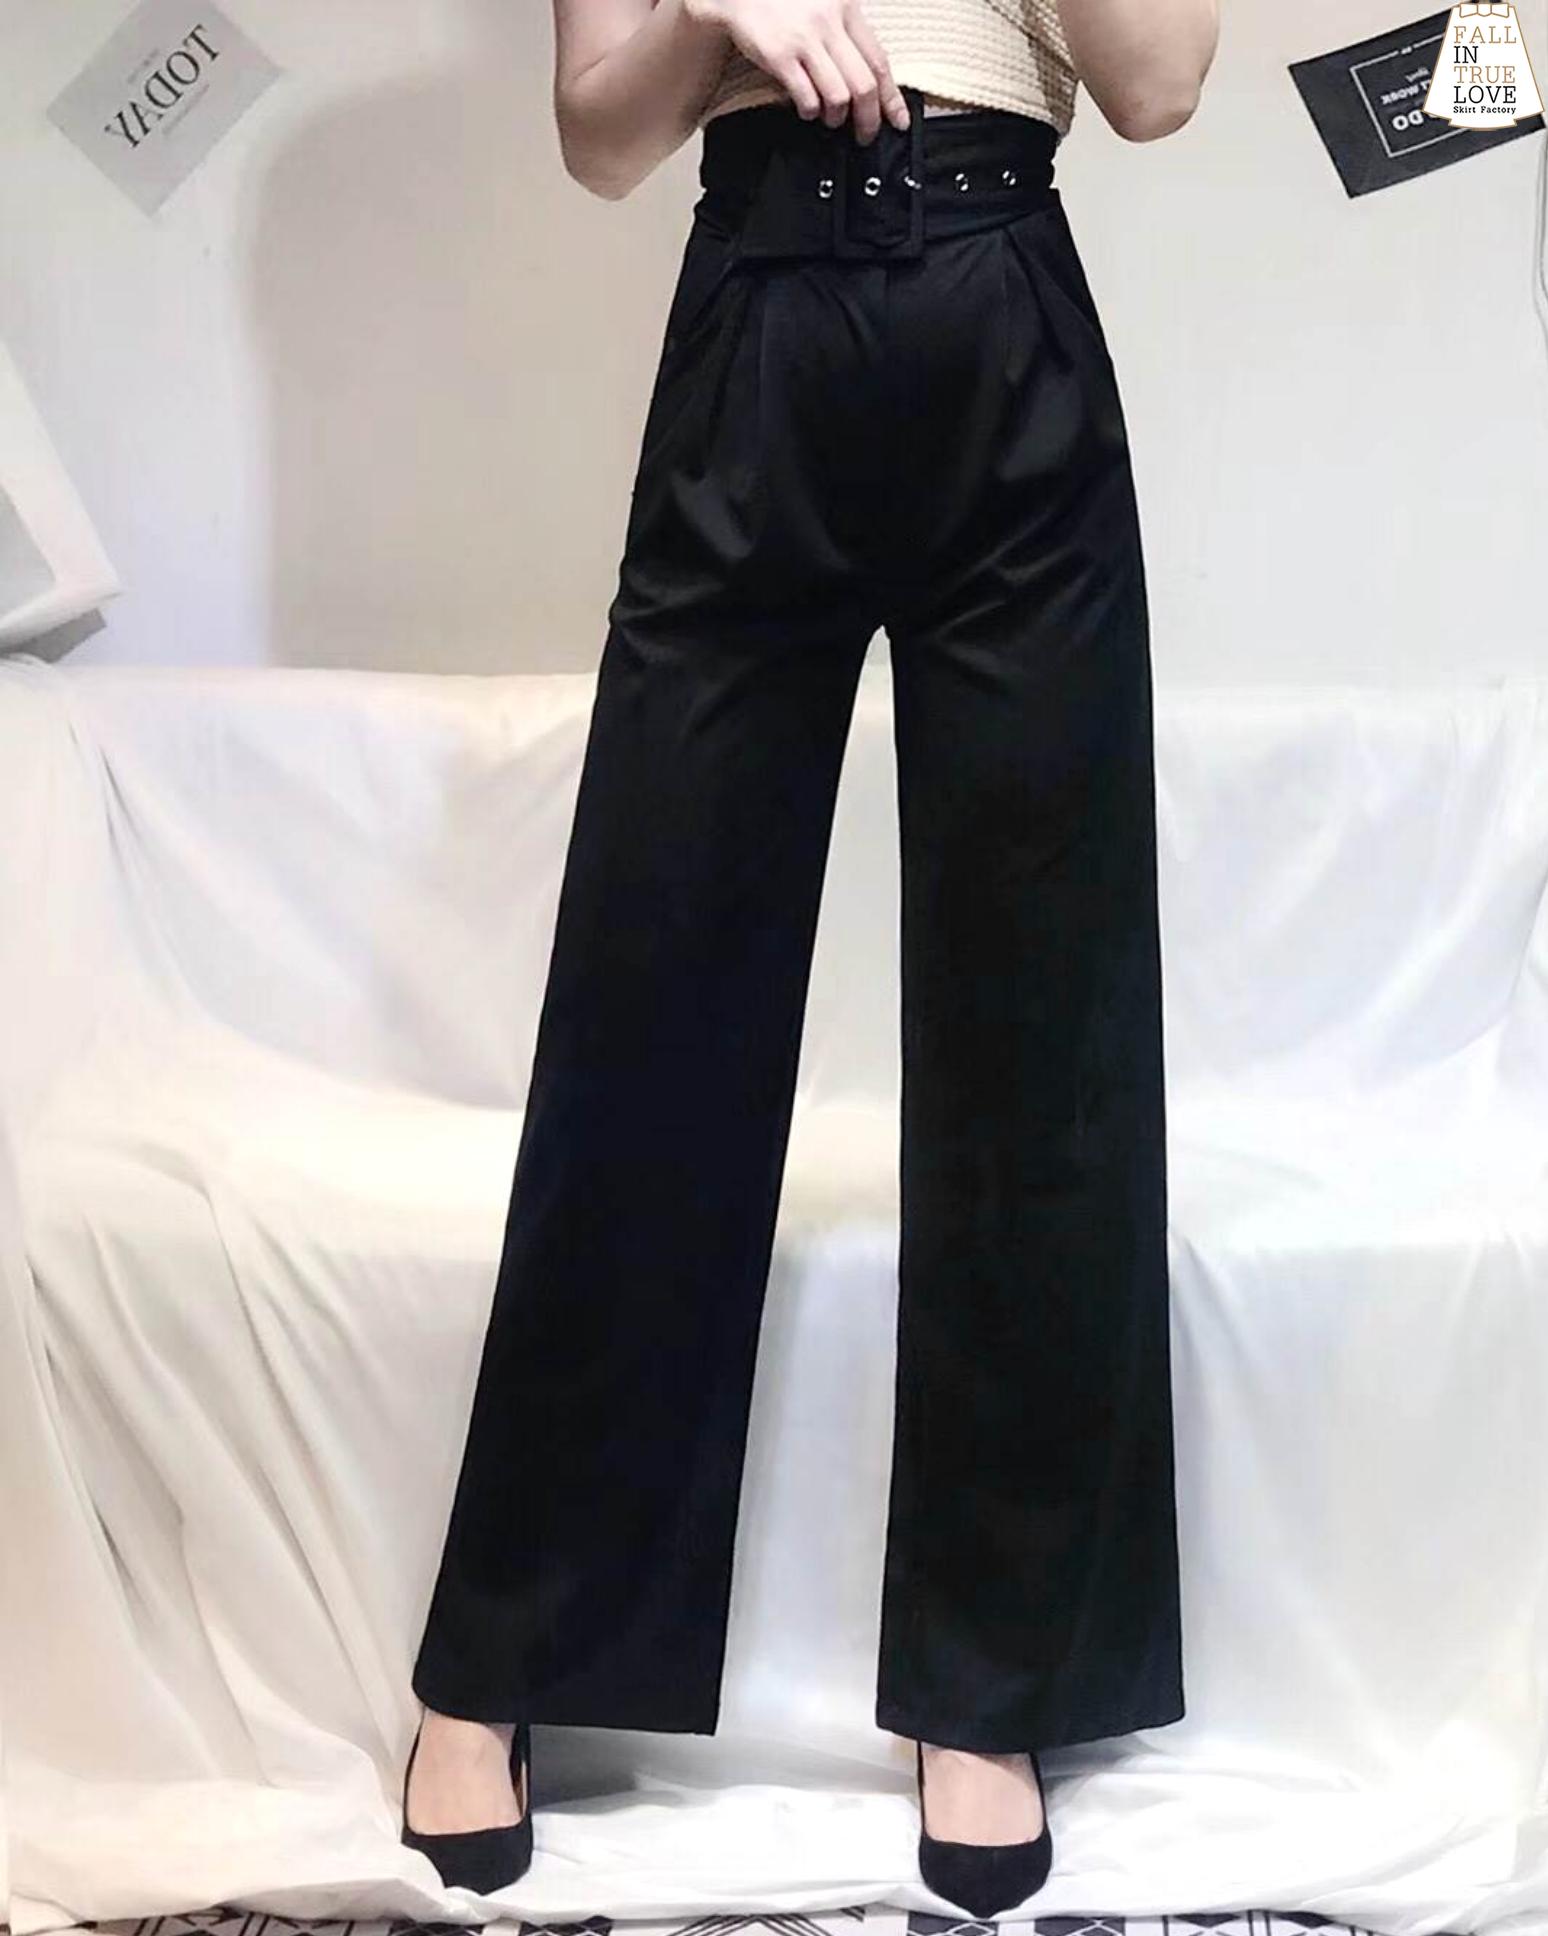 กางเกงแฟชั่น กางเกงผ้ายืดขาบานเอวสูง + สายเข็มขัดใหญ่หัวเหลี่ยม (แยกชิ้นกับตัวกางเกง)